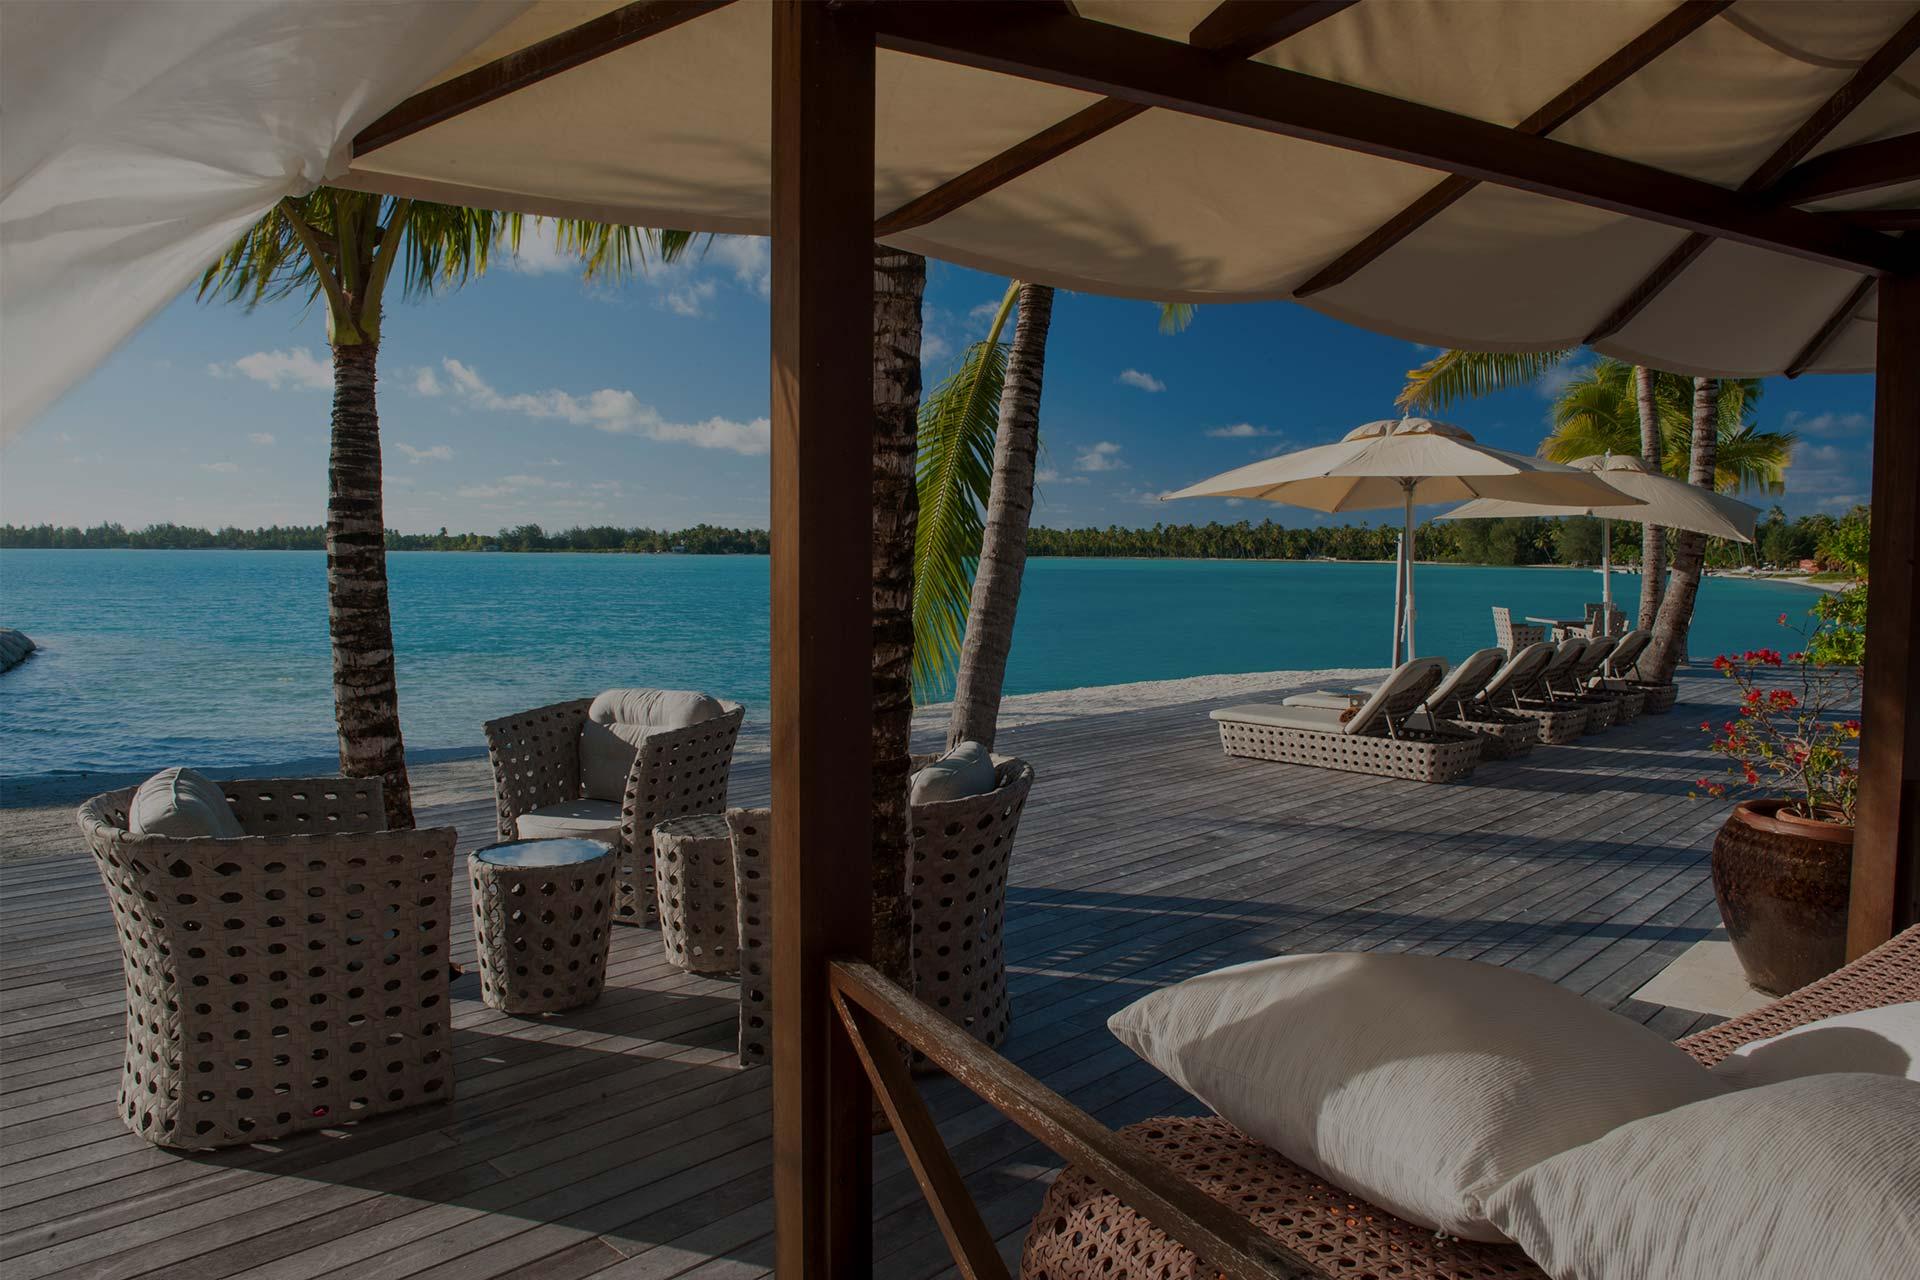 St Regis Bora Bora Oceania Luxury Escape